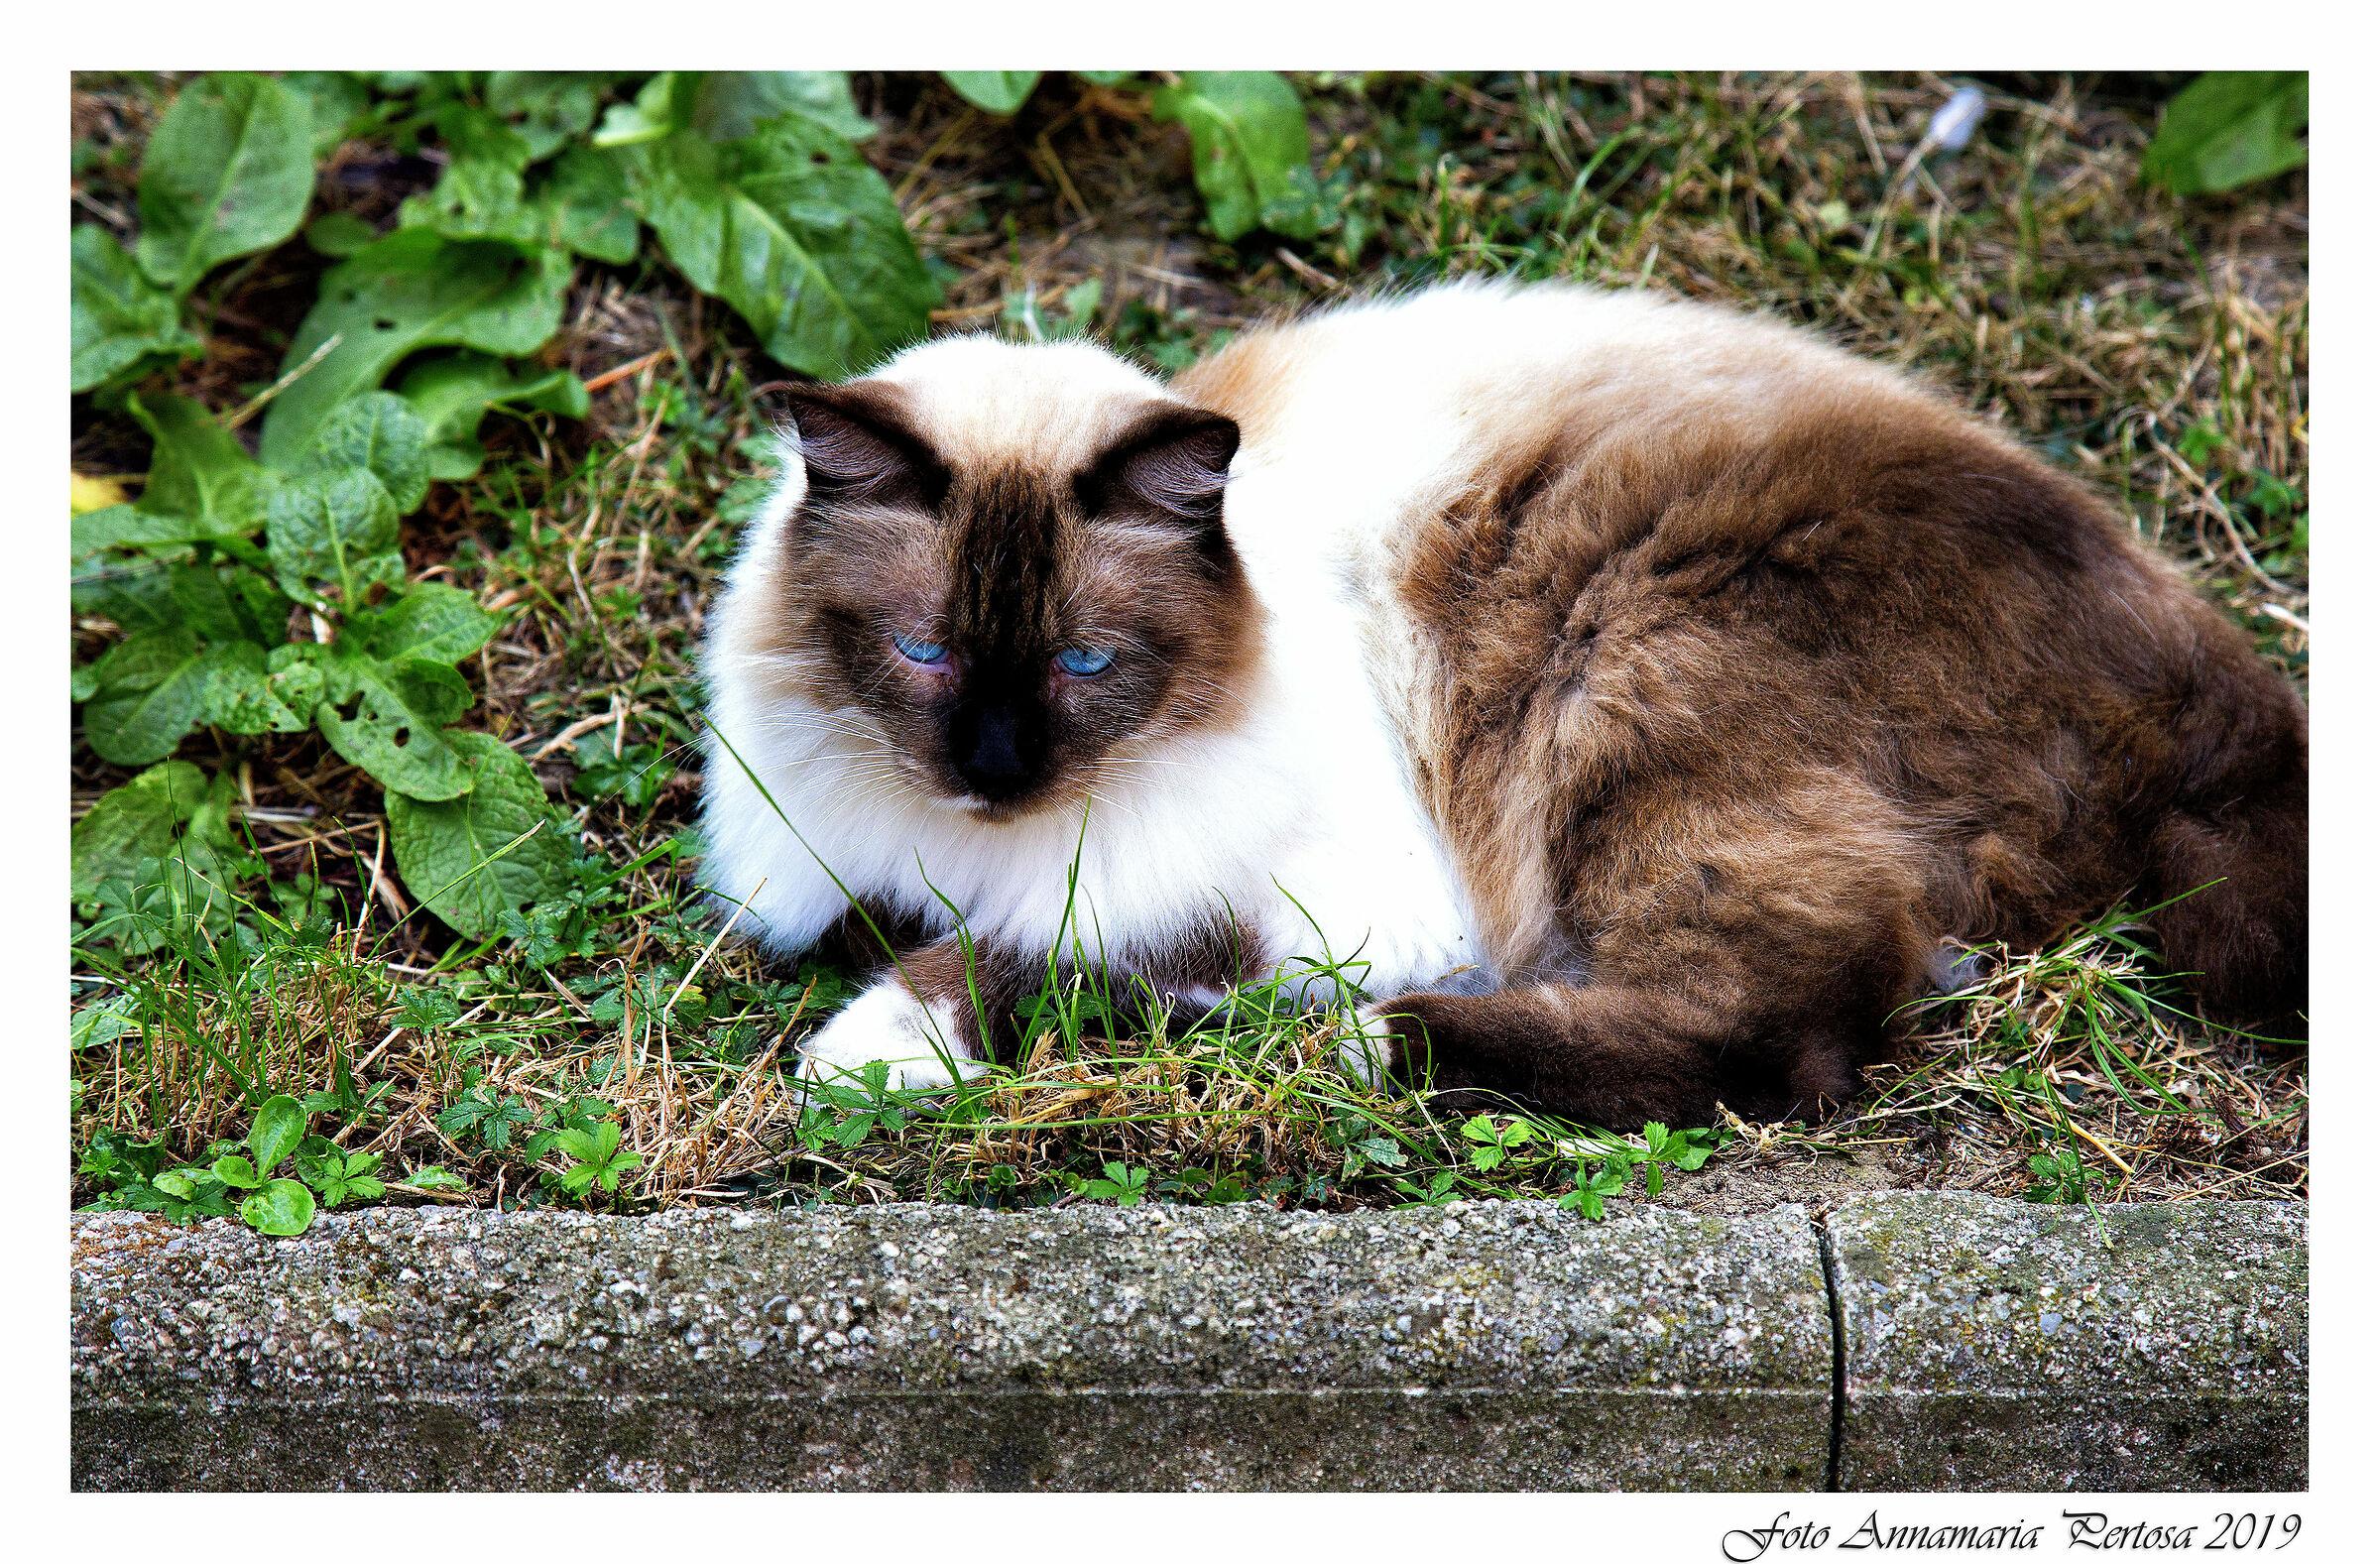 Hector, my neighbor's cat...